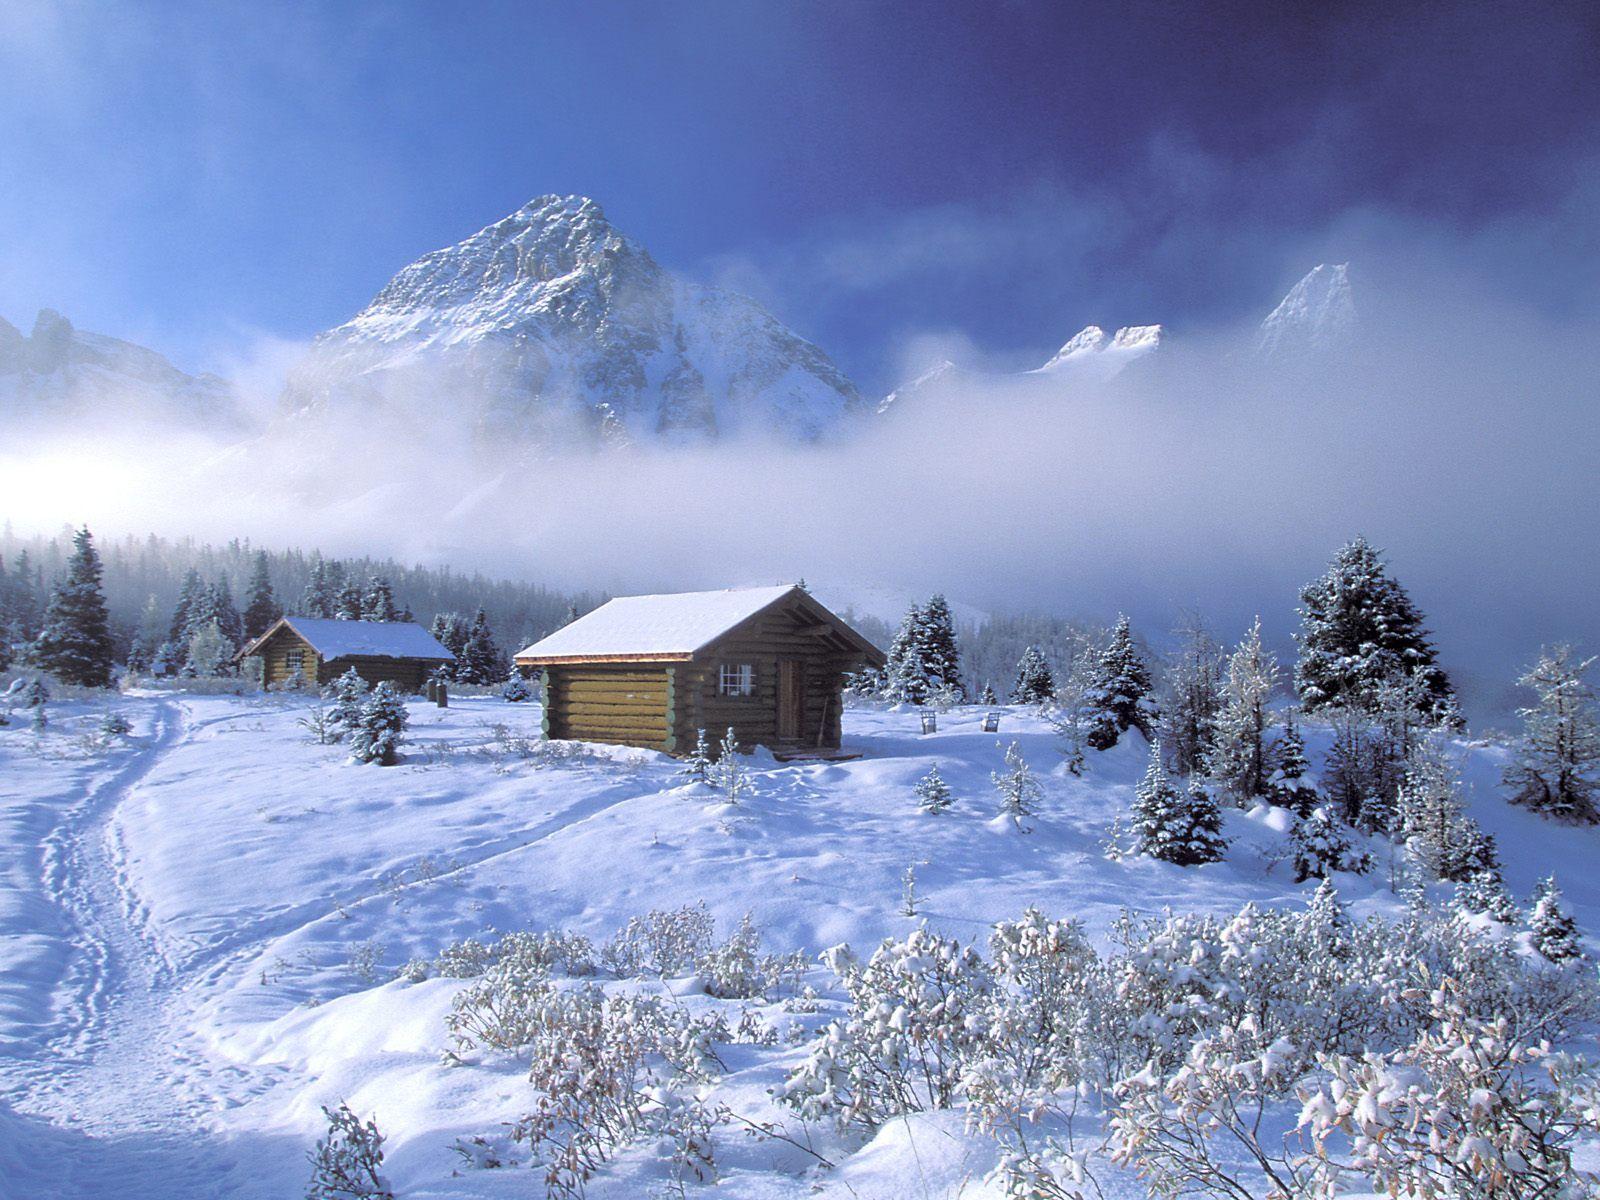 free winter scenery wallpaper winter scenery powerpoint background